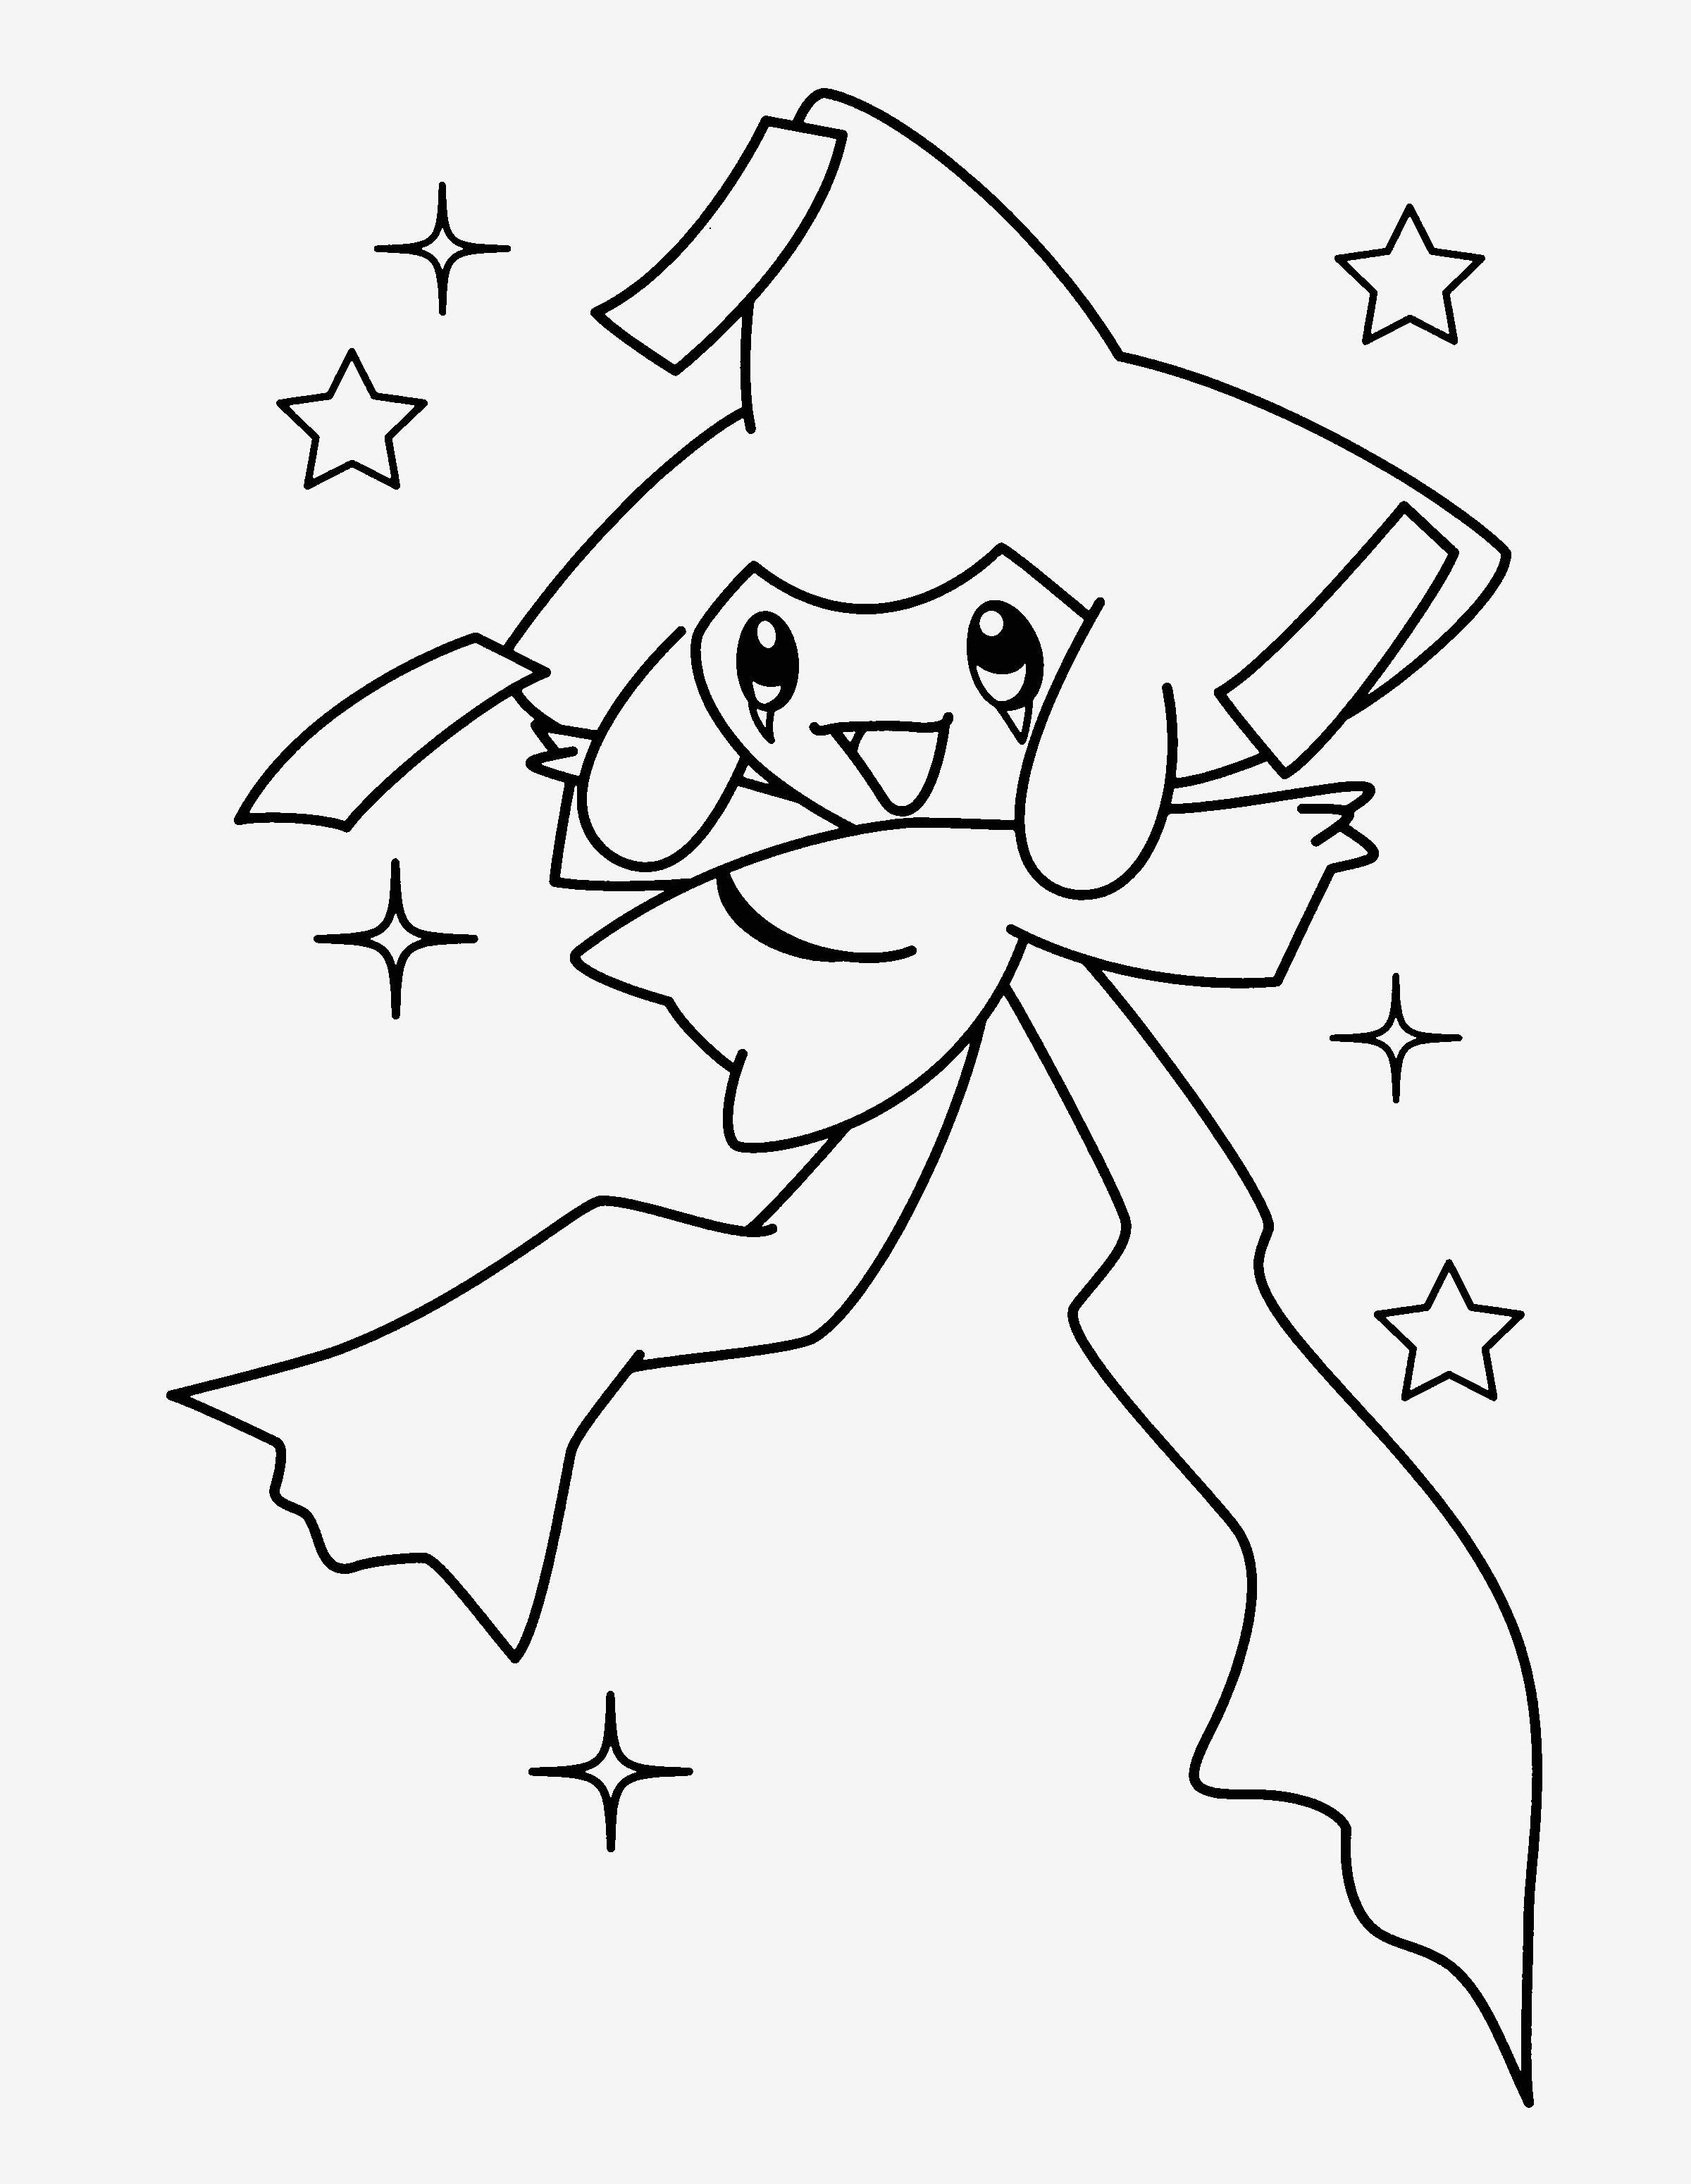 Winx Club Ausmalbilder Neu 30 Schön Einhorn Emoji Ausmalbilder – Malvorlagen Ideen Sammlung